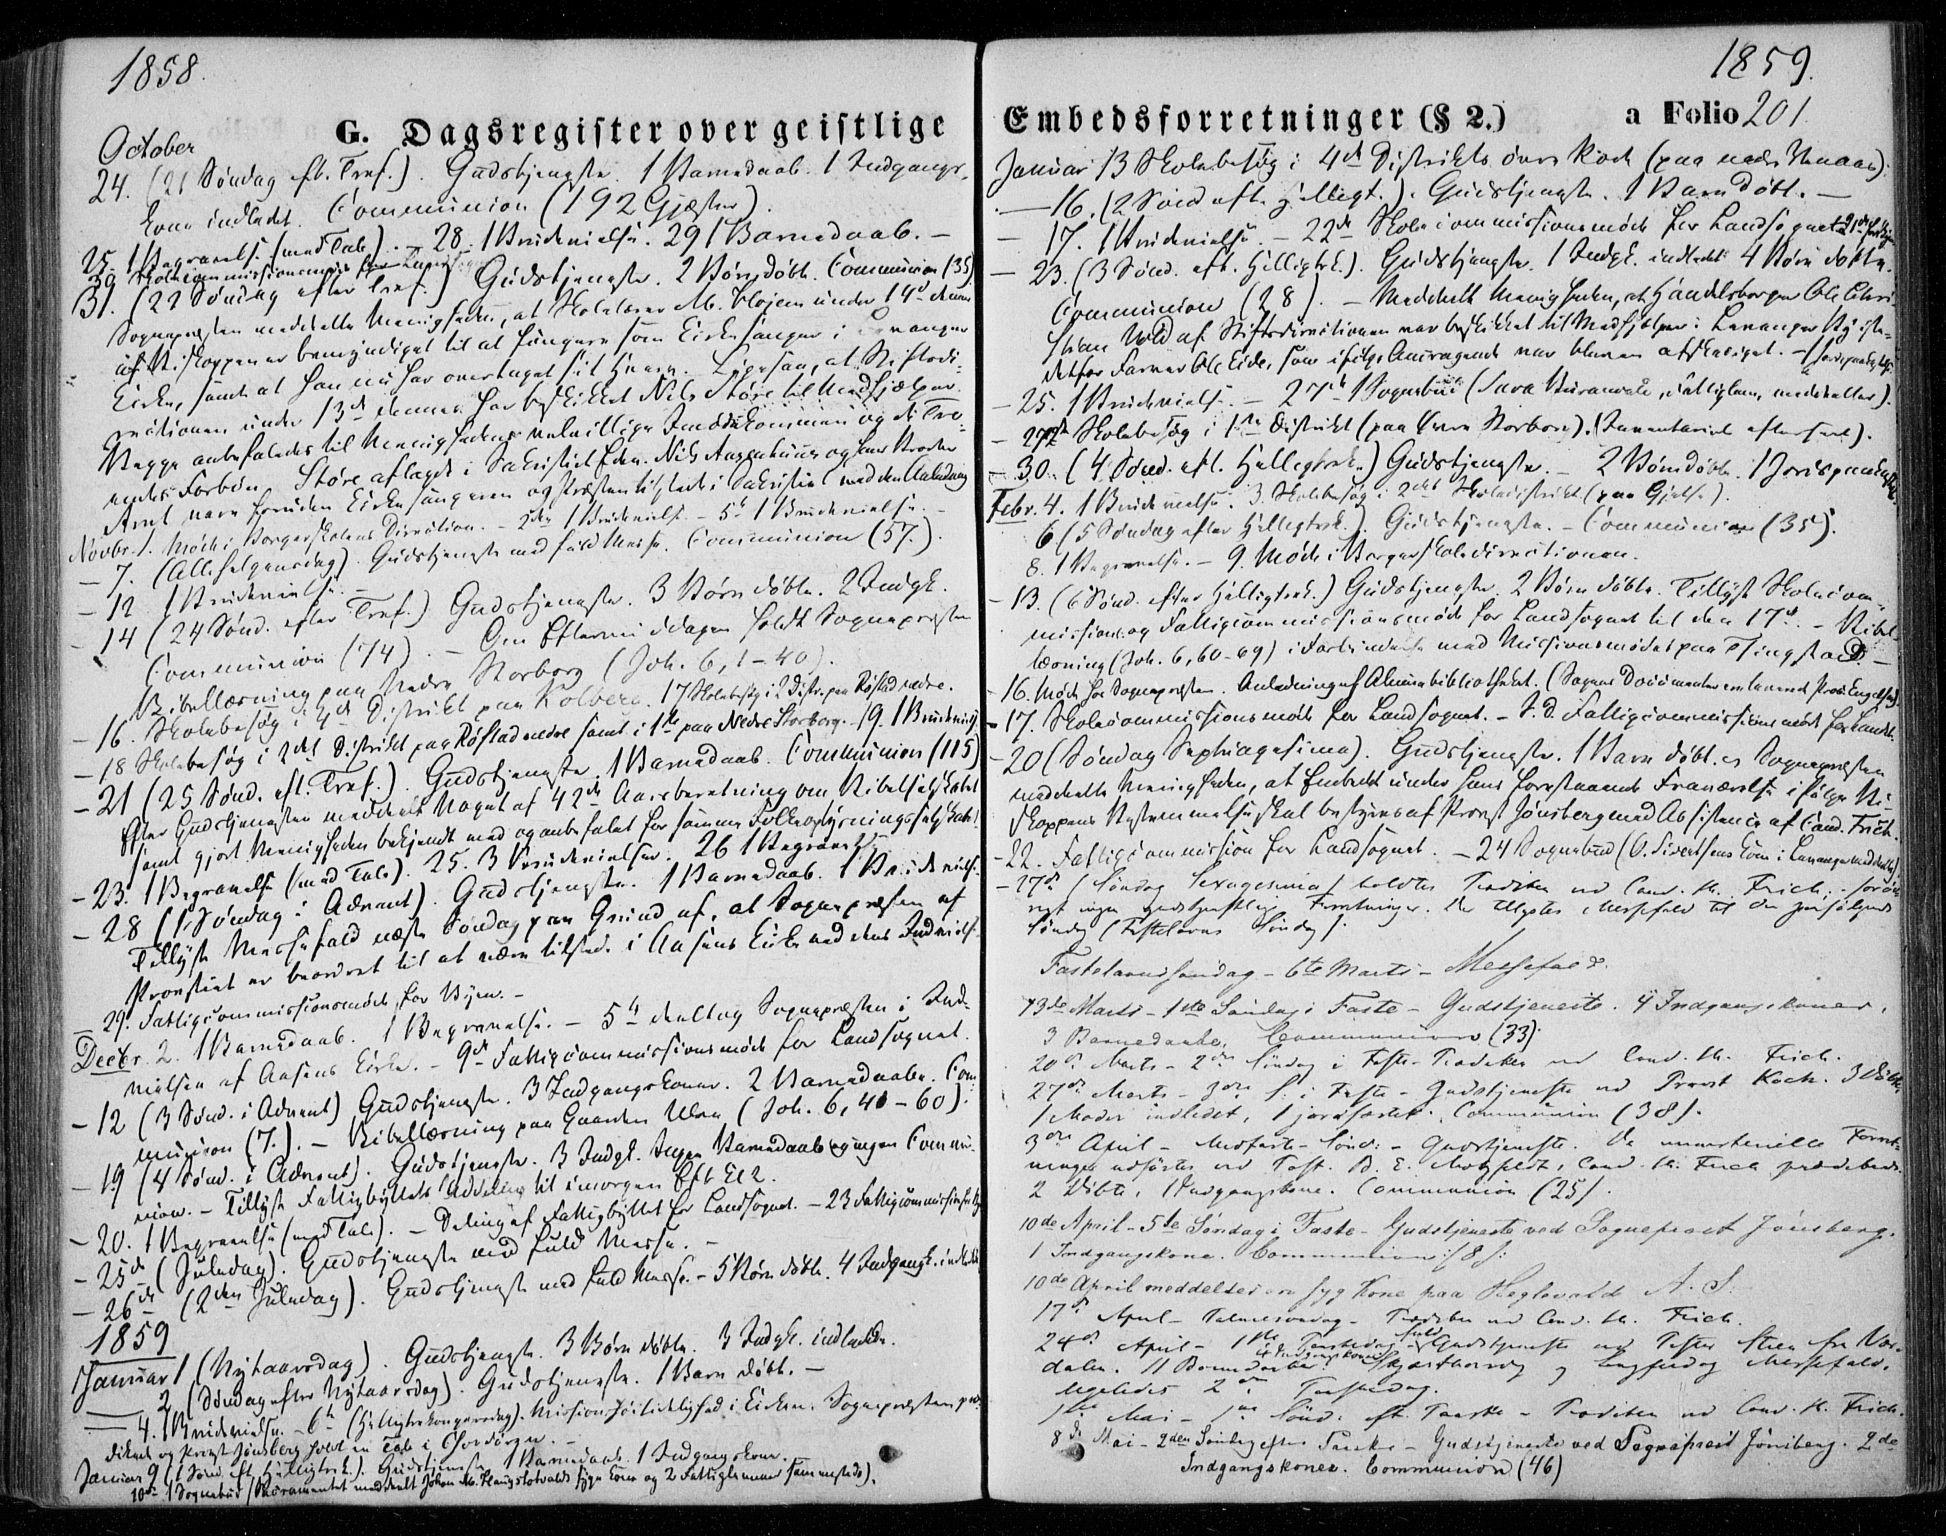 SAT, Ministerialprotokoller, klokkerbøker og fødselsregistre - Nord-Trøndelag, 720/L0184: Ministerialbok nr. 720A02 /1, 1855-1863, s. 201